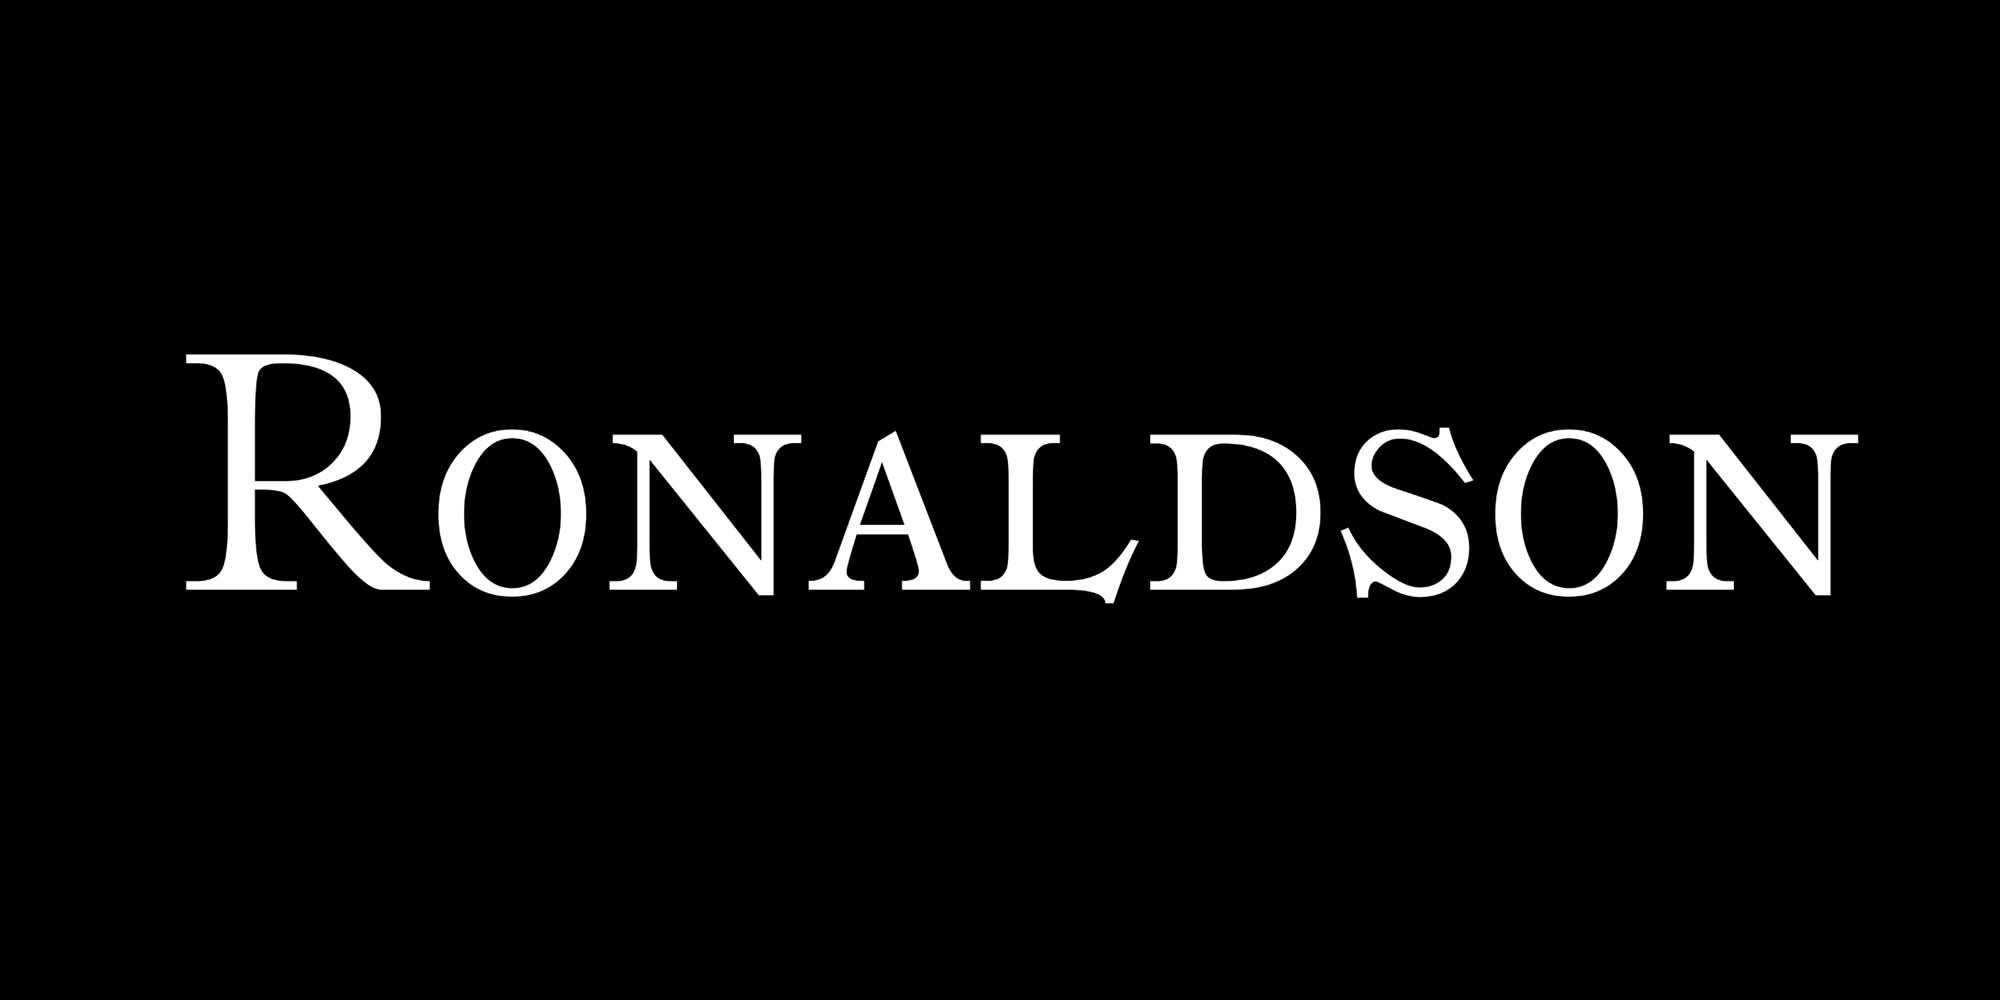 Ronaldson Font